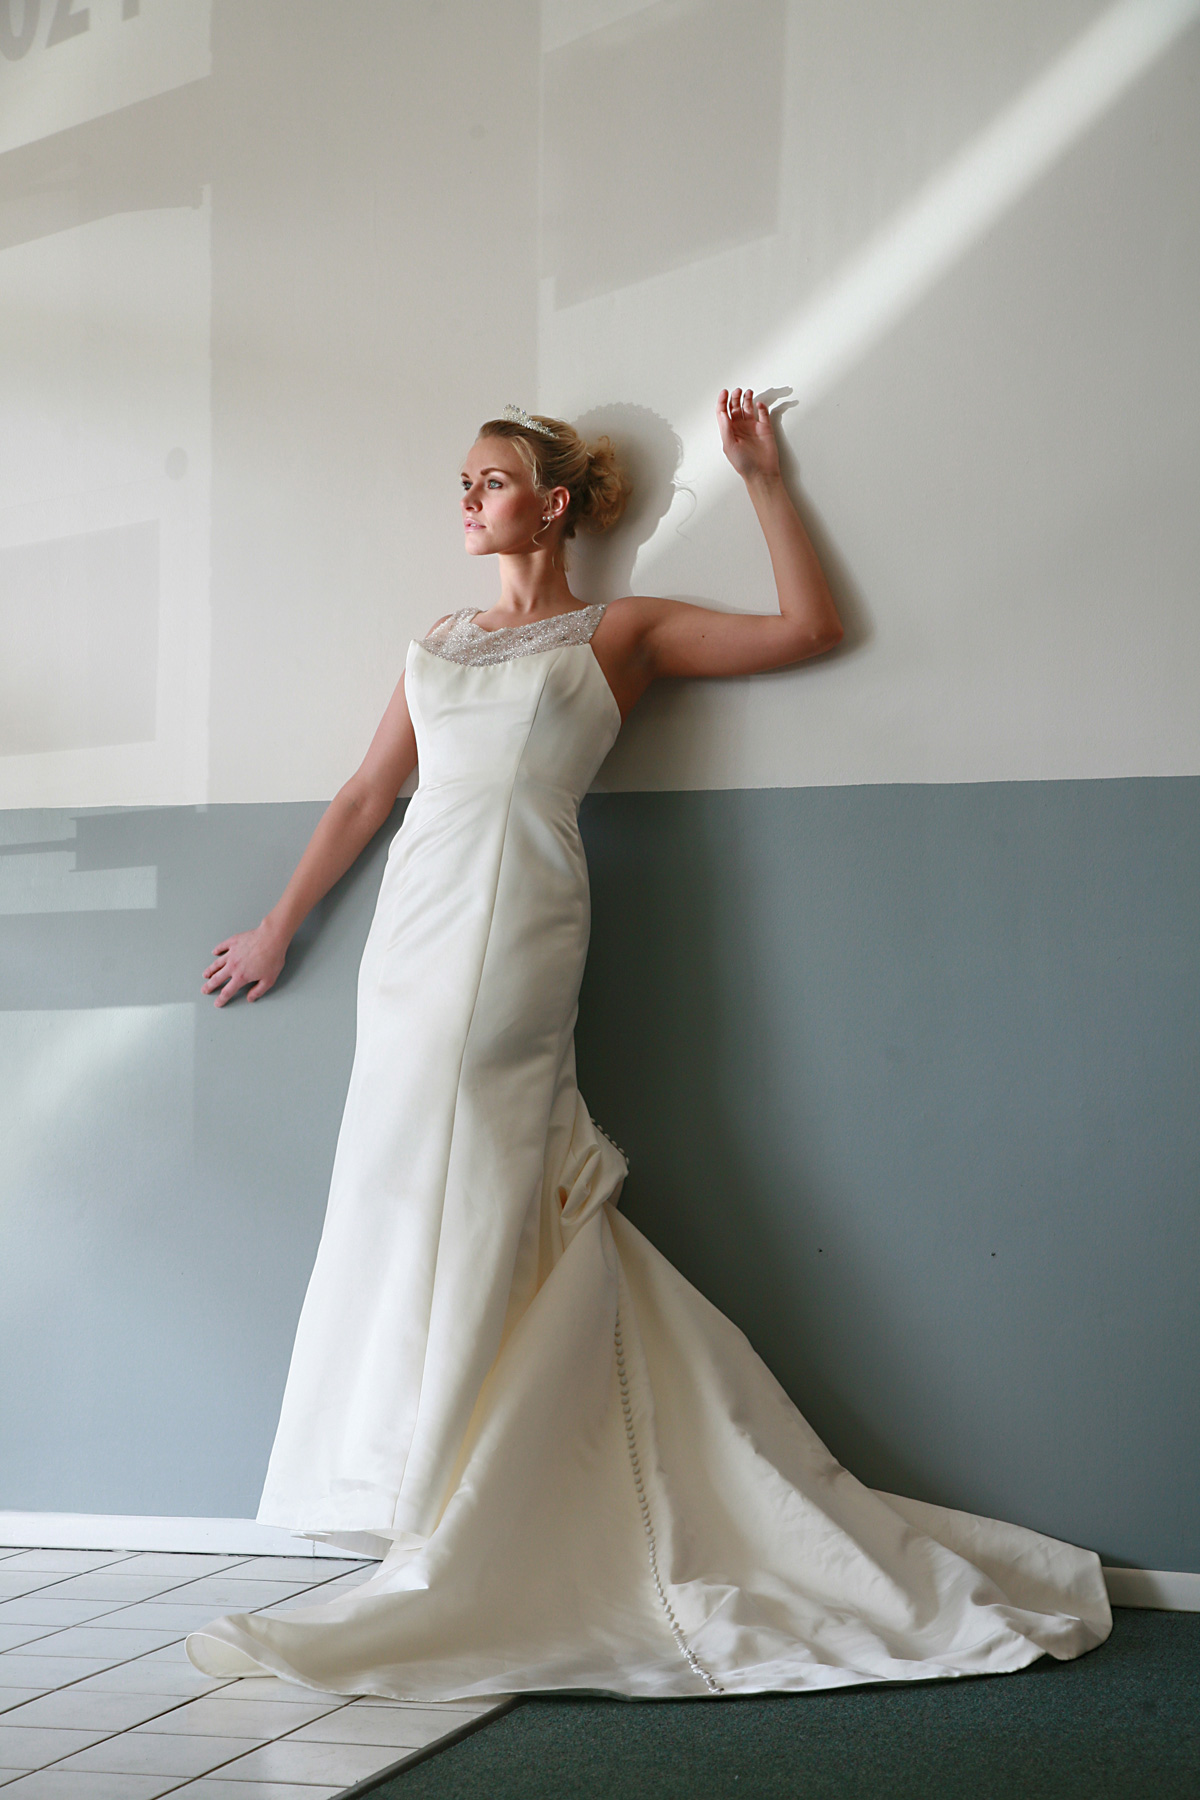 Unusual junction wedding dresses discount wedding dresses for Unusual wedding dresses for sale